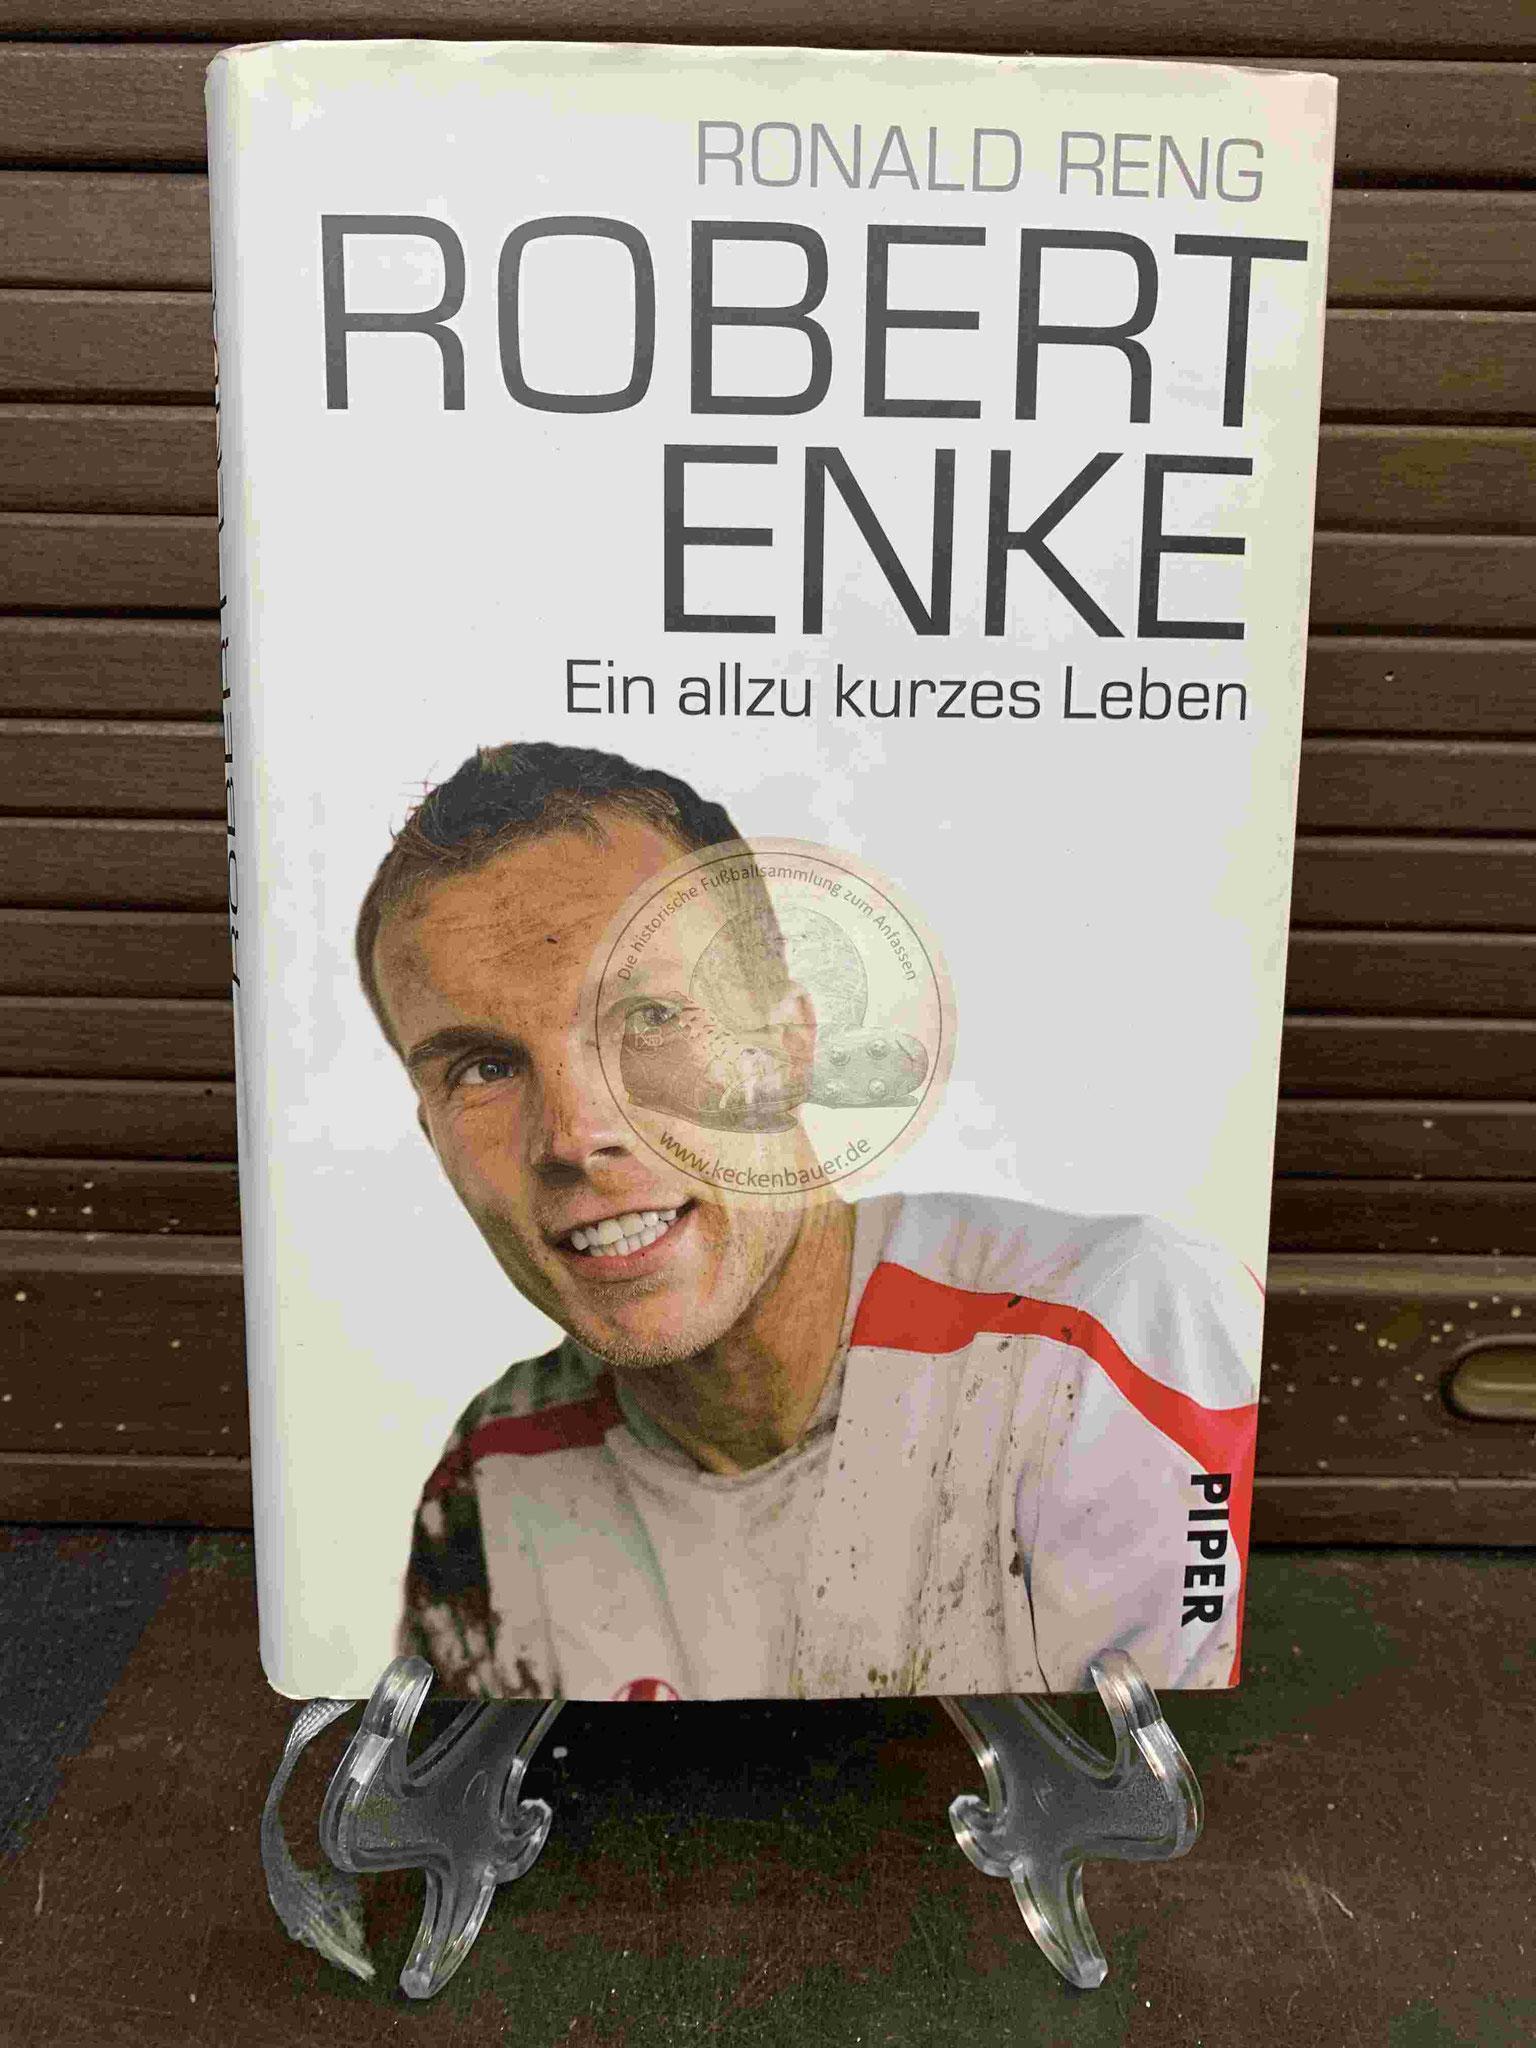 Ronald Reng Robert Enke Ein allzu kurzes Leben aus dem Jahr 2010